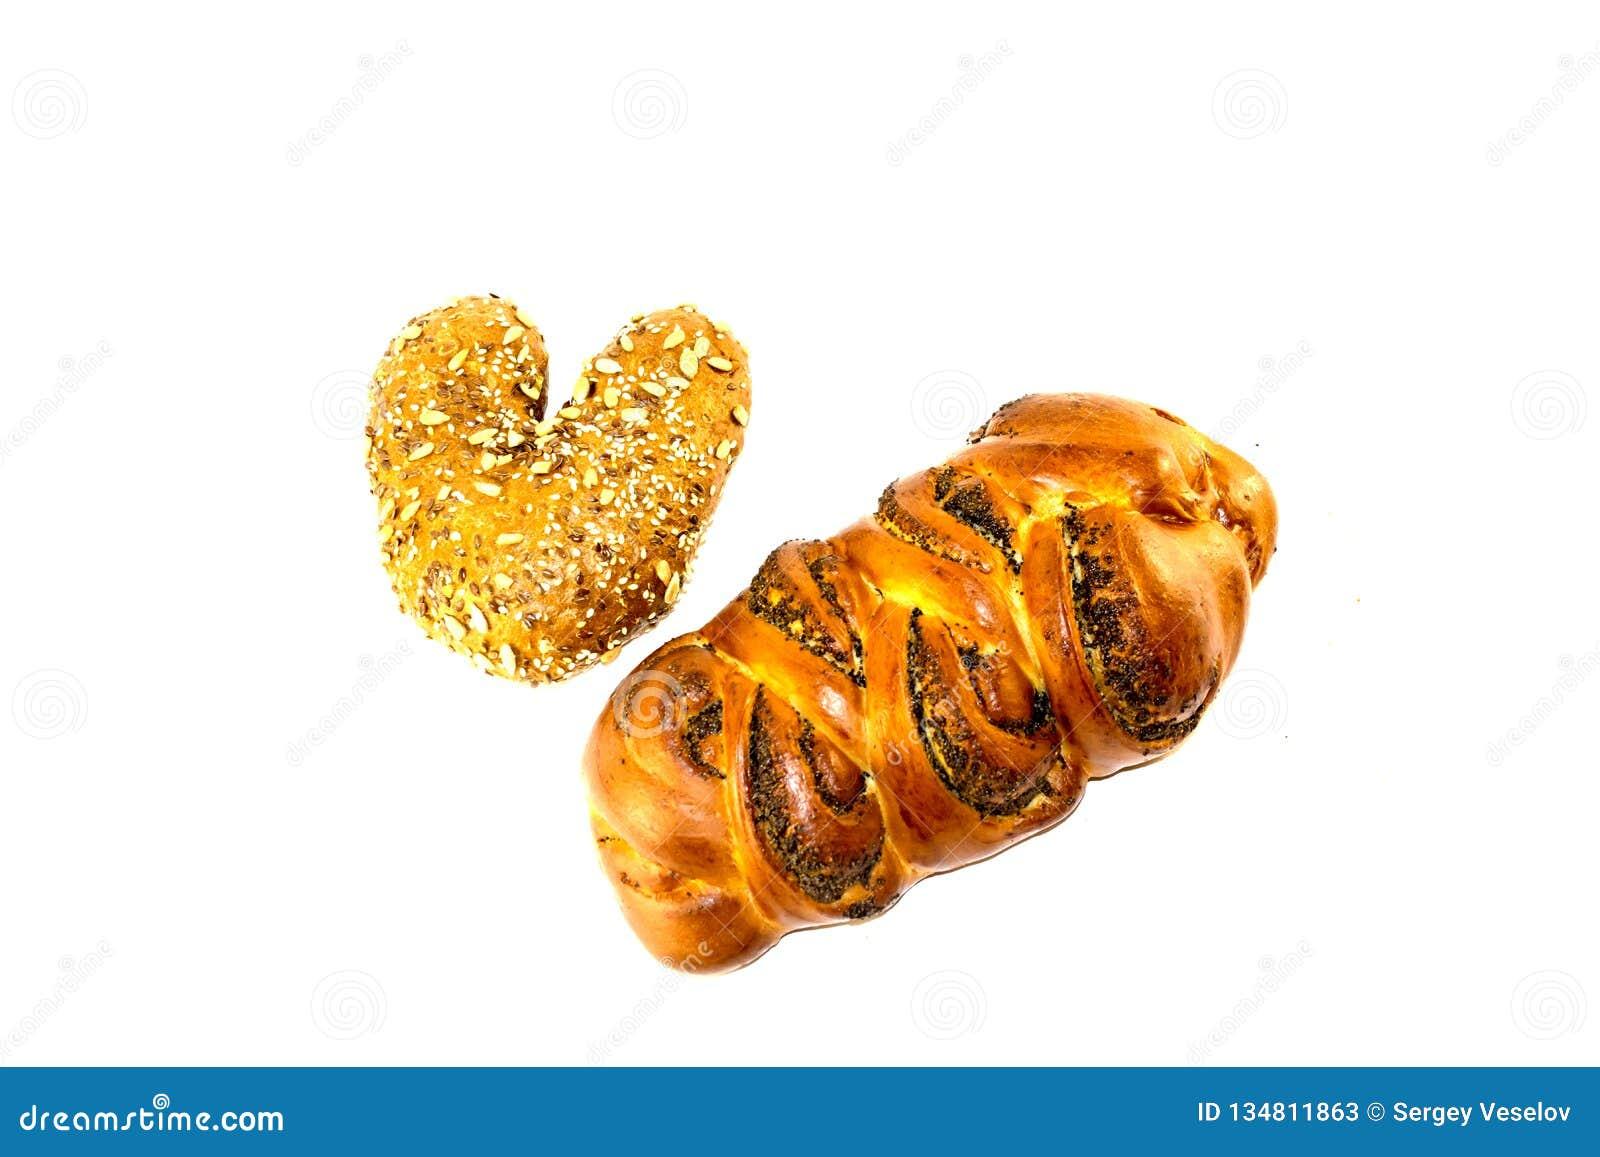 Teigprodukte auf weißem lokalisiertem Hintergrund Brot mit Samen und Mohn auf weißem lokalisiertem Hintergrund